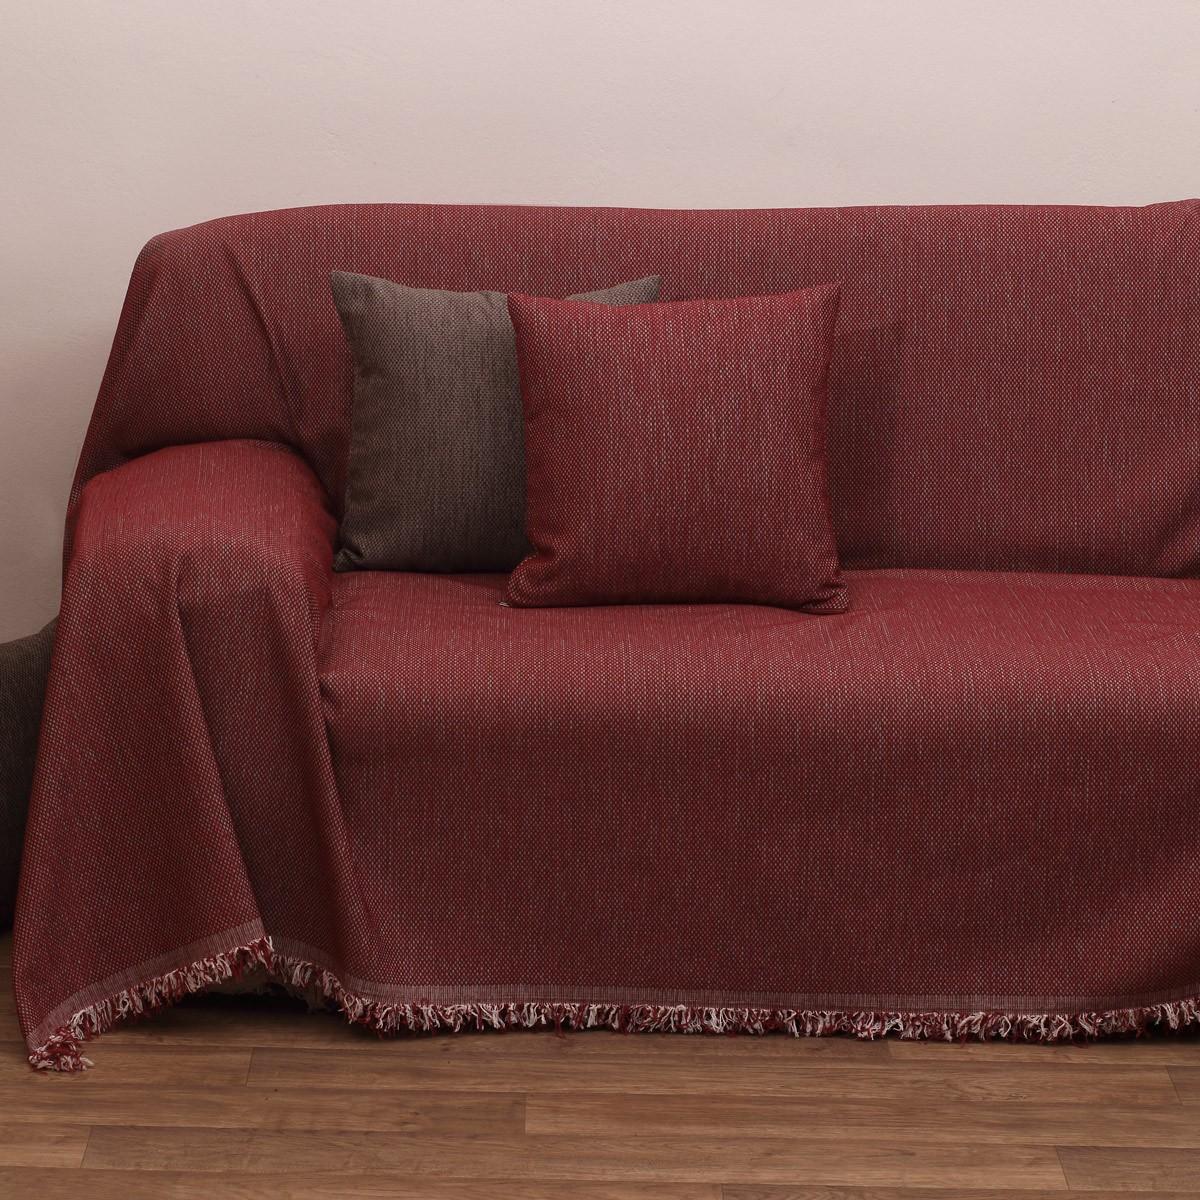 Ριχτάρι Πολυθρόνας (180x180) Viopros 2100 Κόκκινο